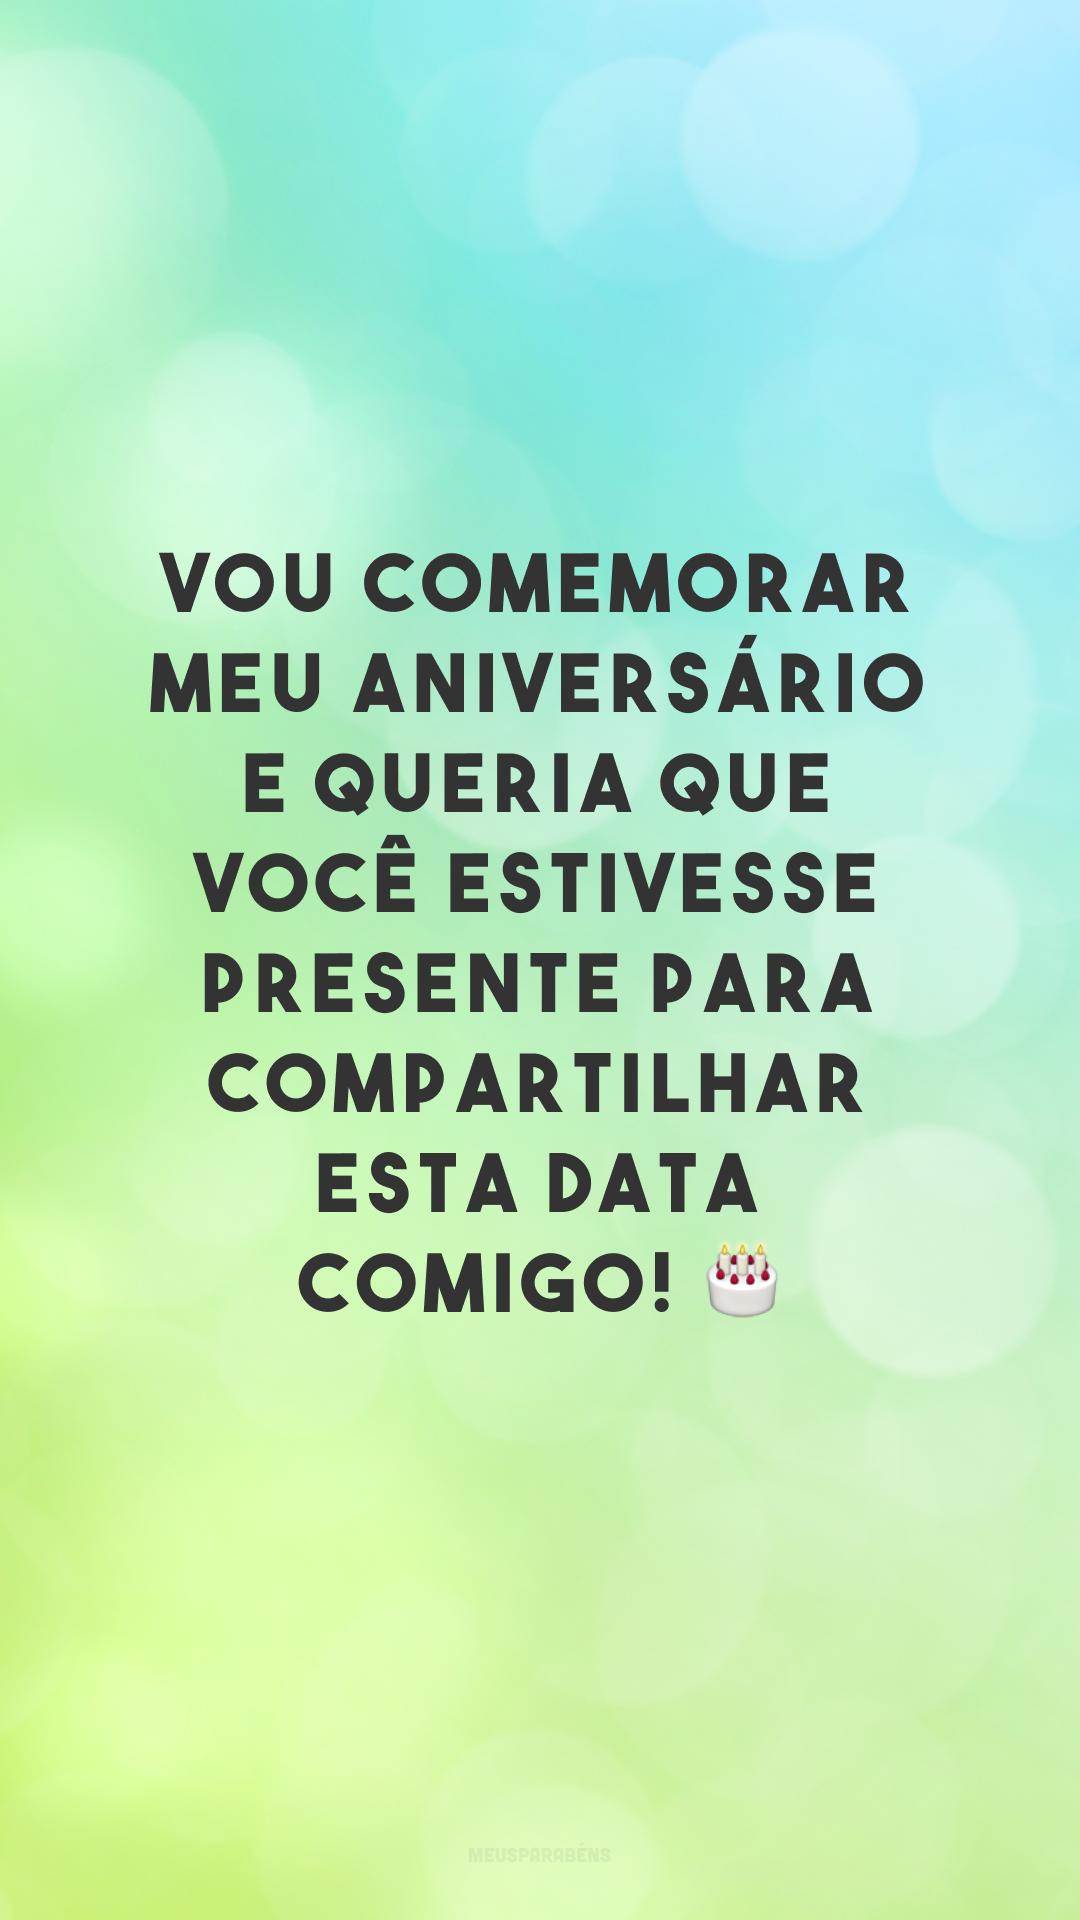 Vou comemorar meu aniversário e queria que você estivesse presente para compartilhar esta data comigo! 🎂